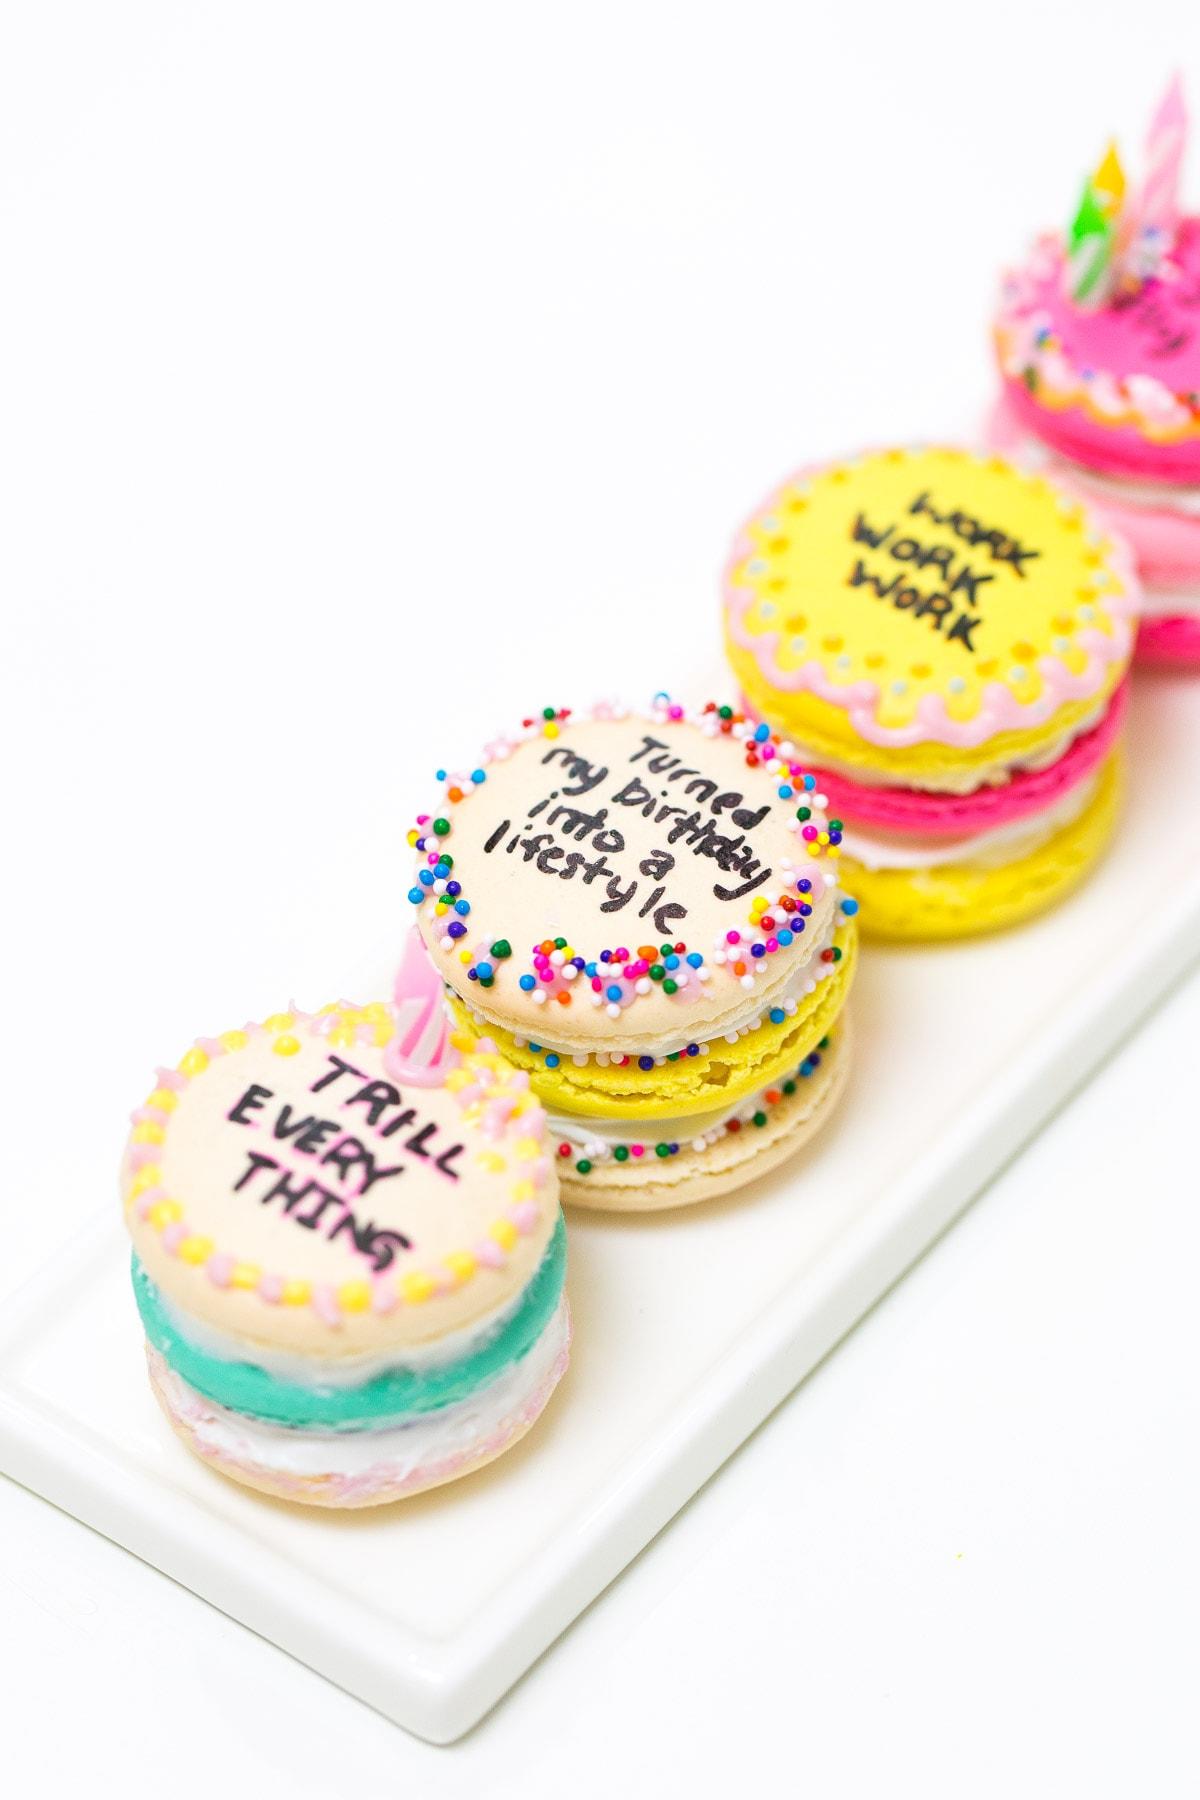 Drake on Cake Inspired Birthday Cake Macarons Sugar Cloth